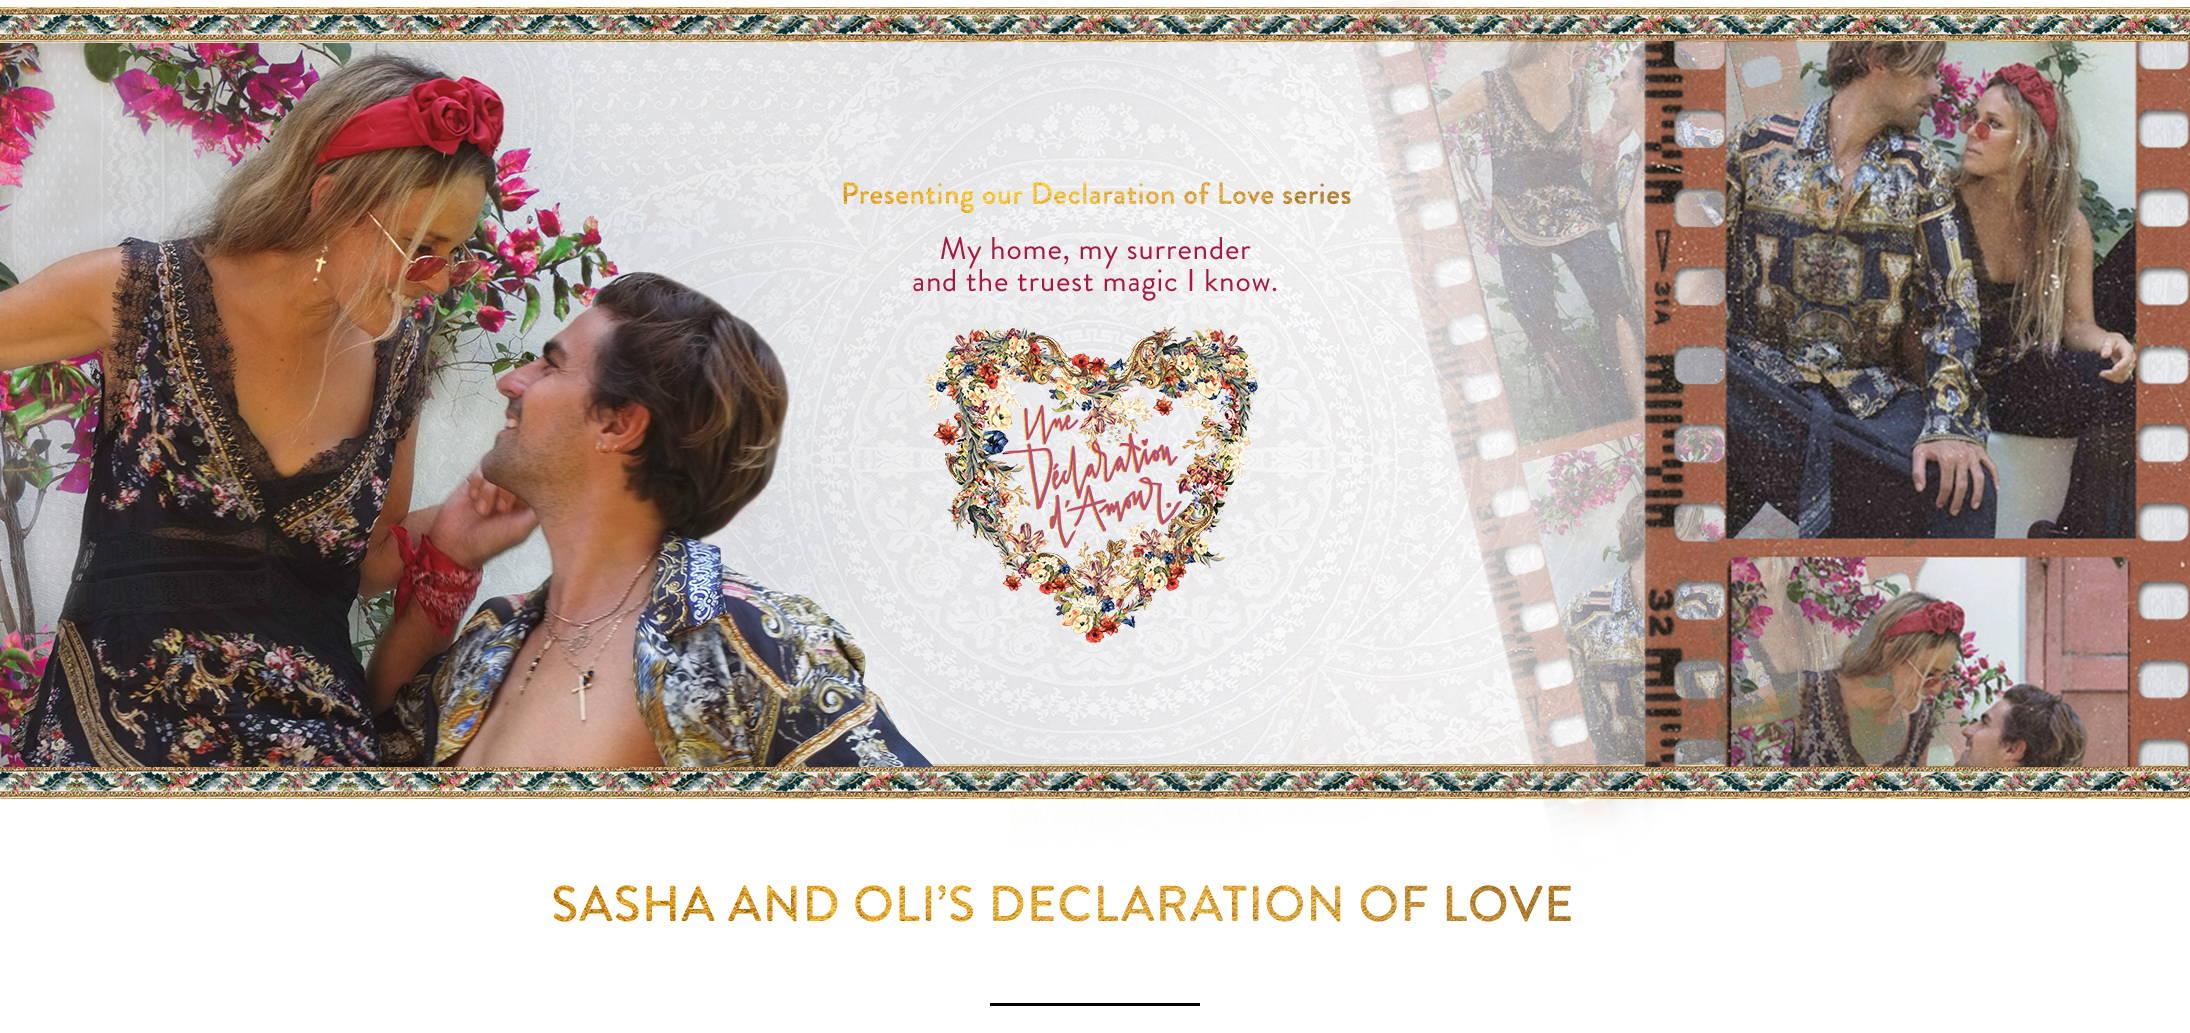 Une Declaration of Love